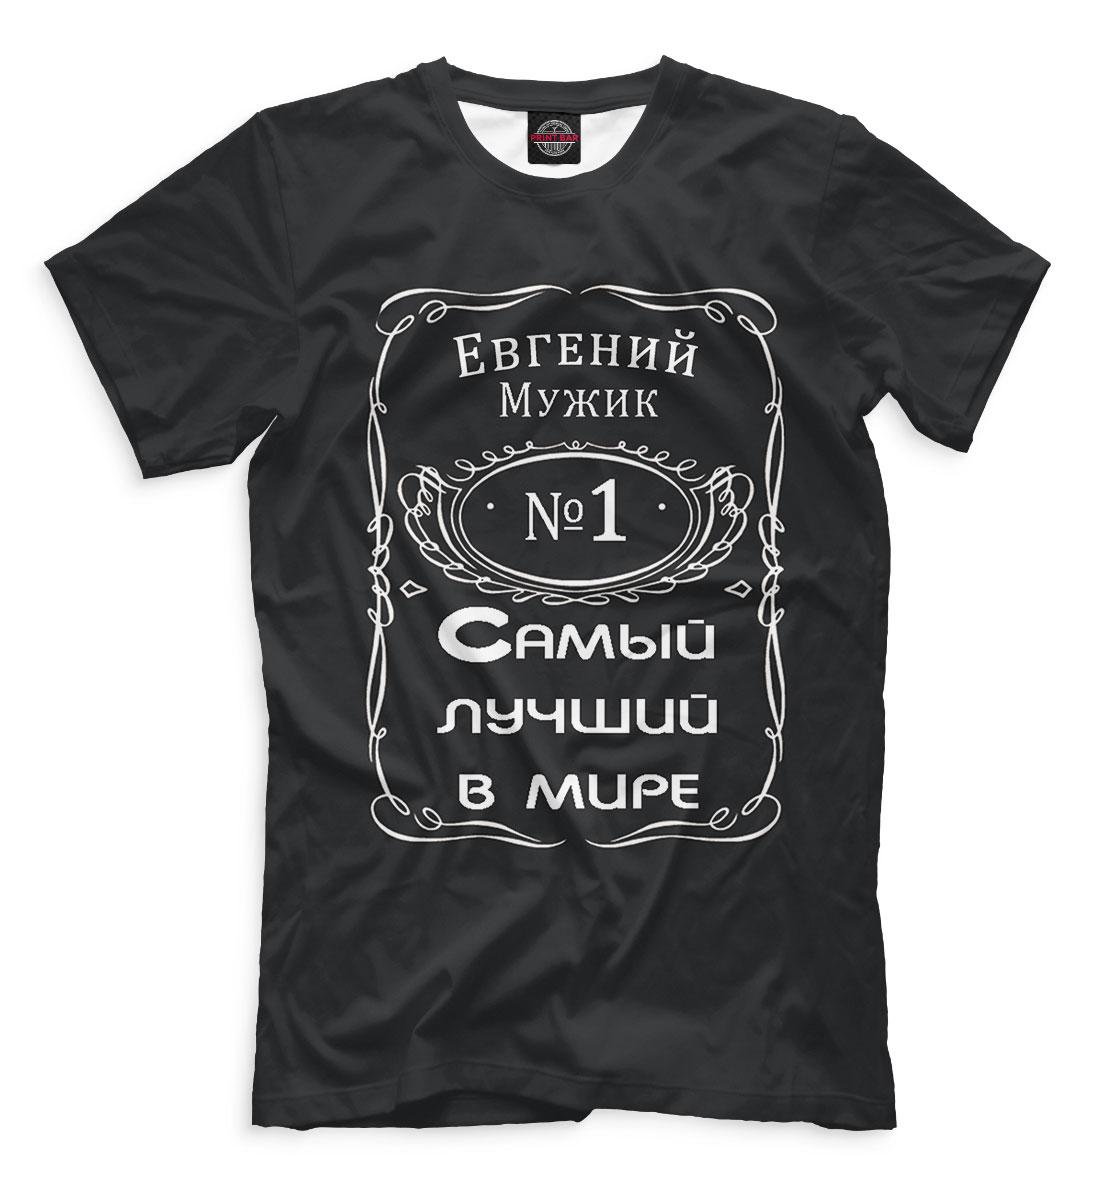 Купить Евгений — самый лучший в мире, Printbar, Футболки, IMR-919721-fut-2